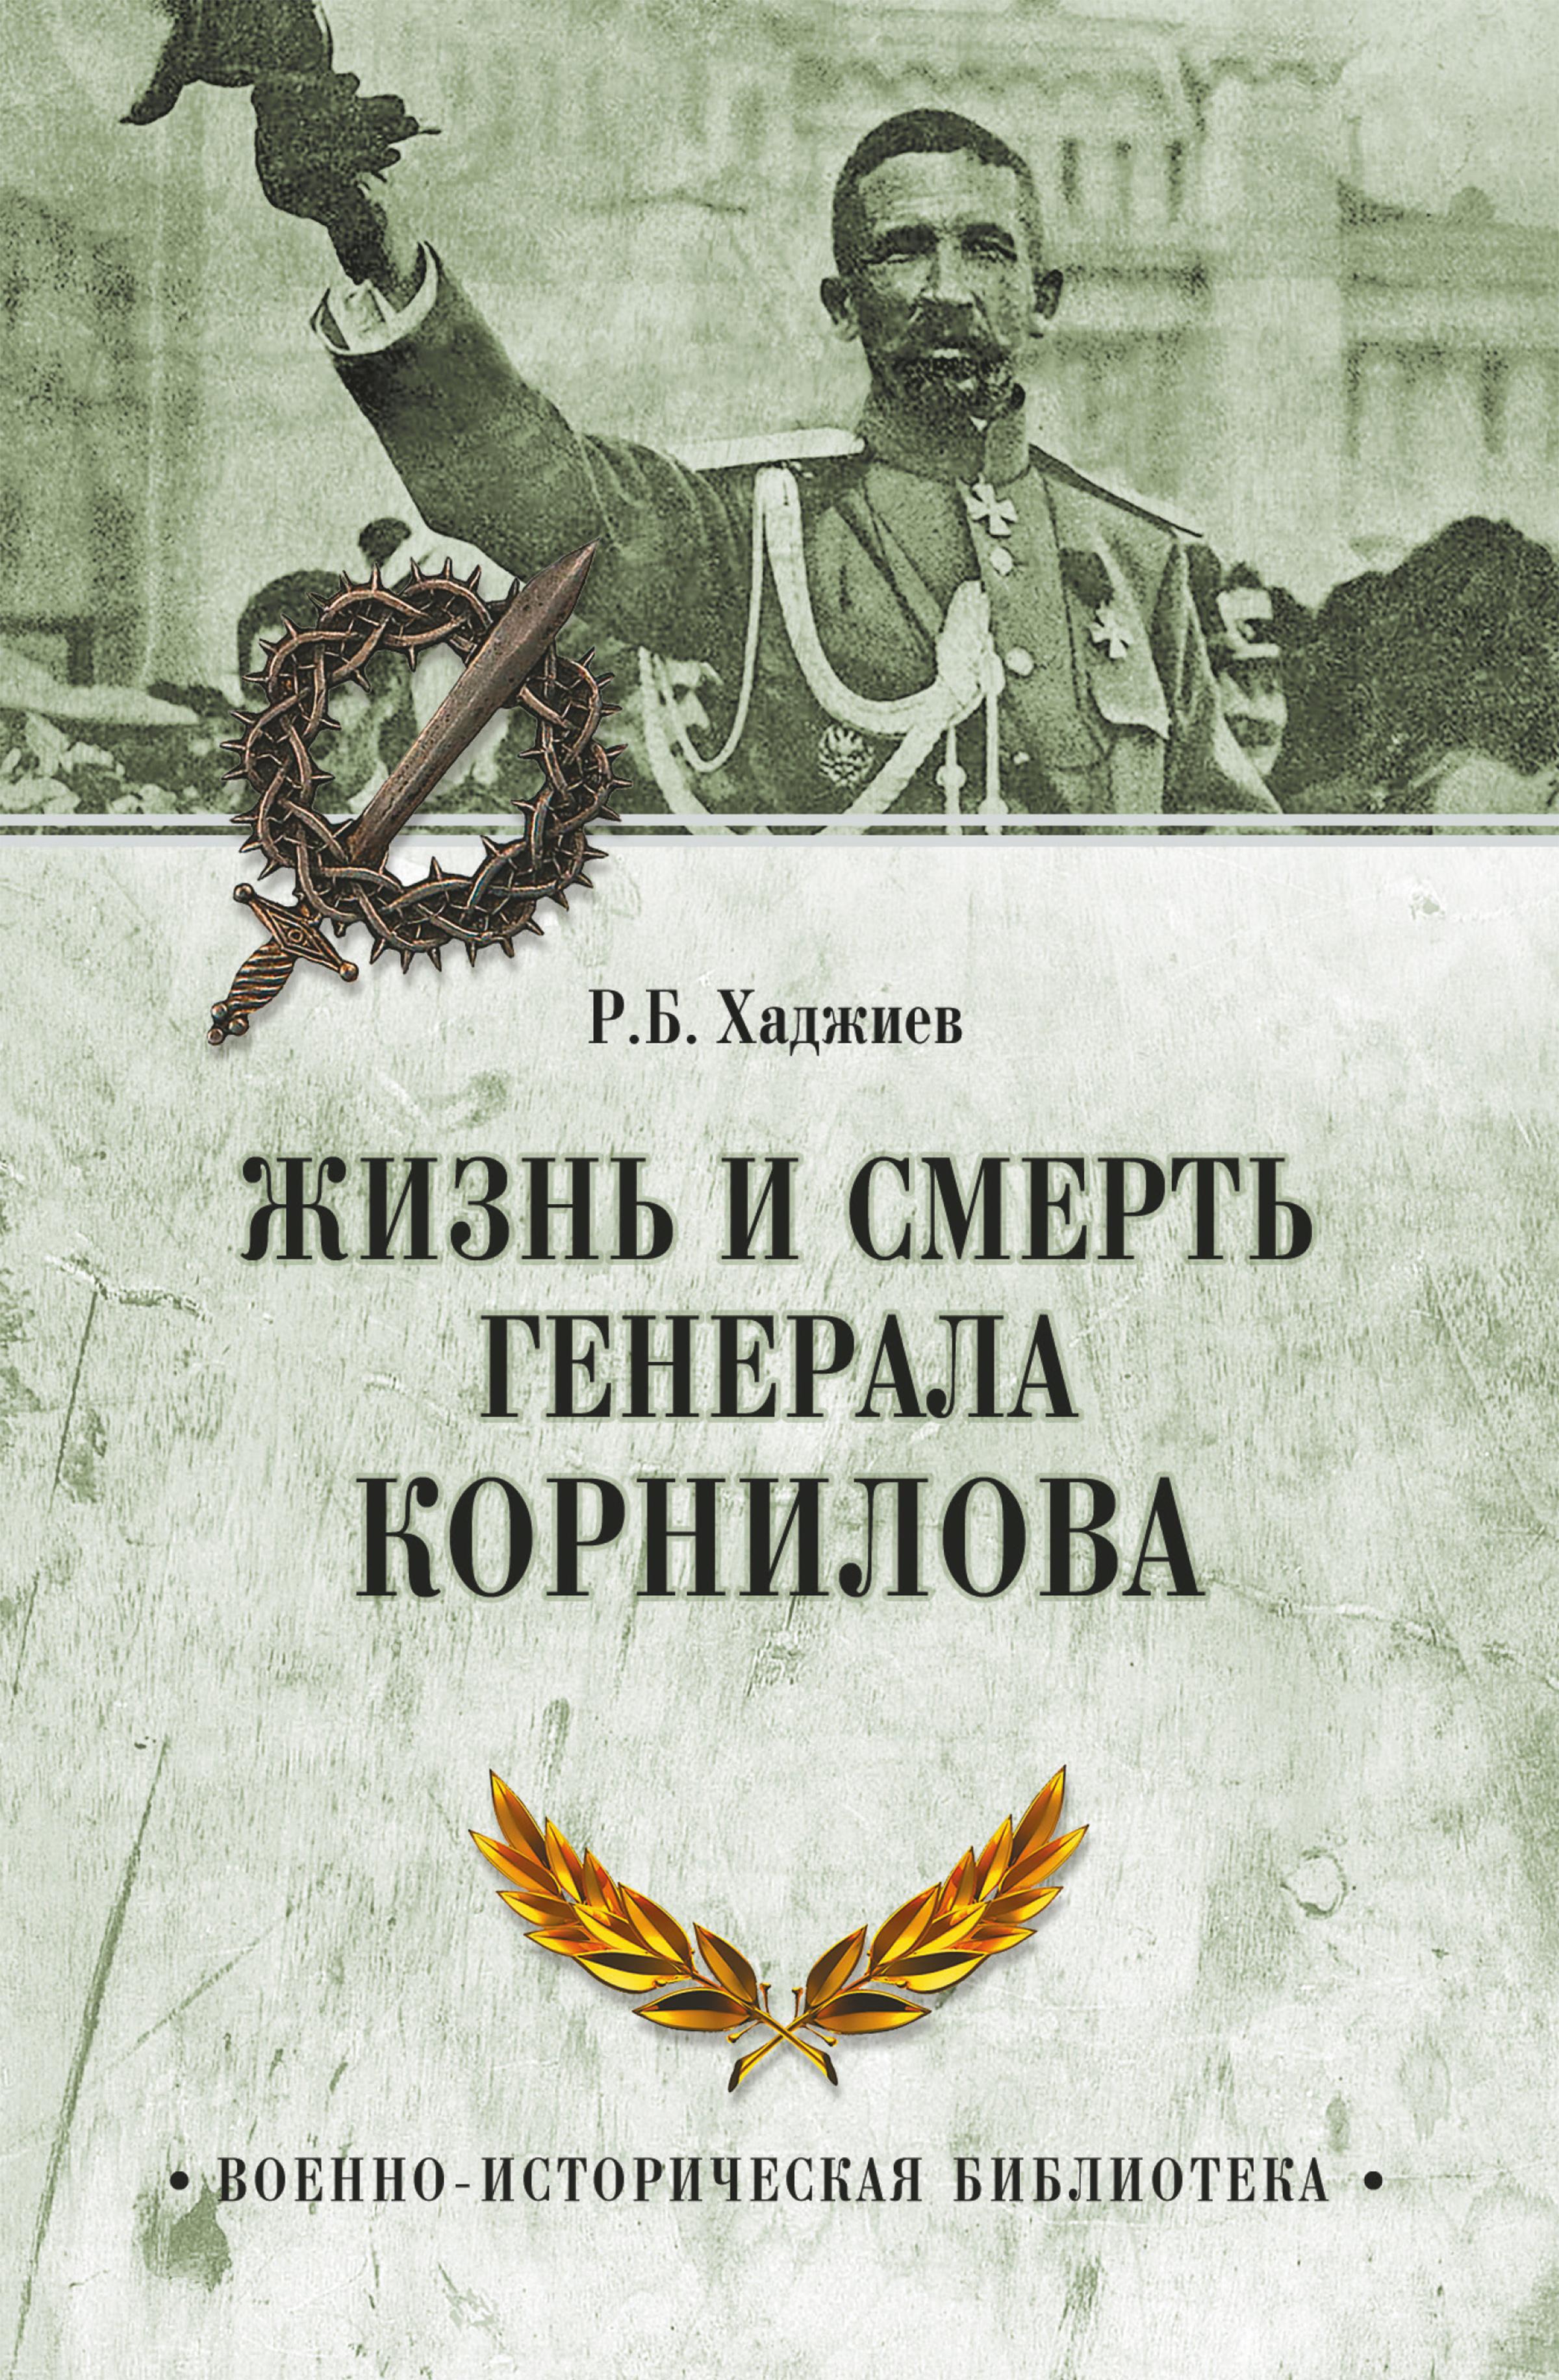 Резак Бек Хан Хаджиев Жизнь и смерть генерала Корнилова цена в Москве и Питере